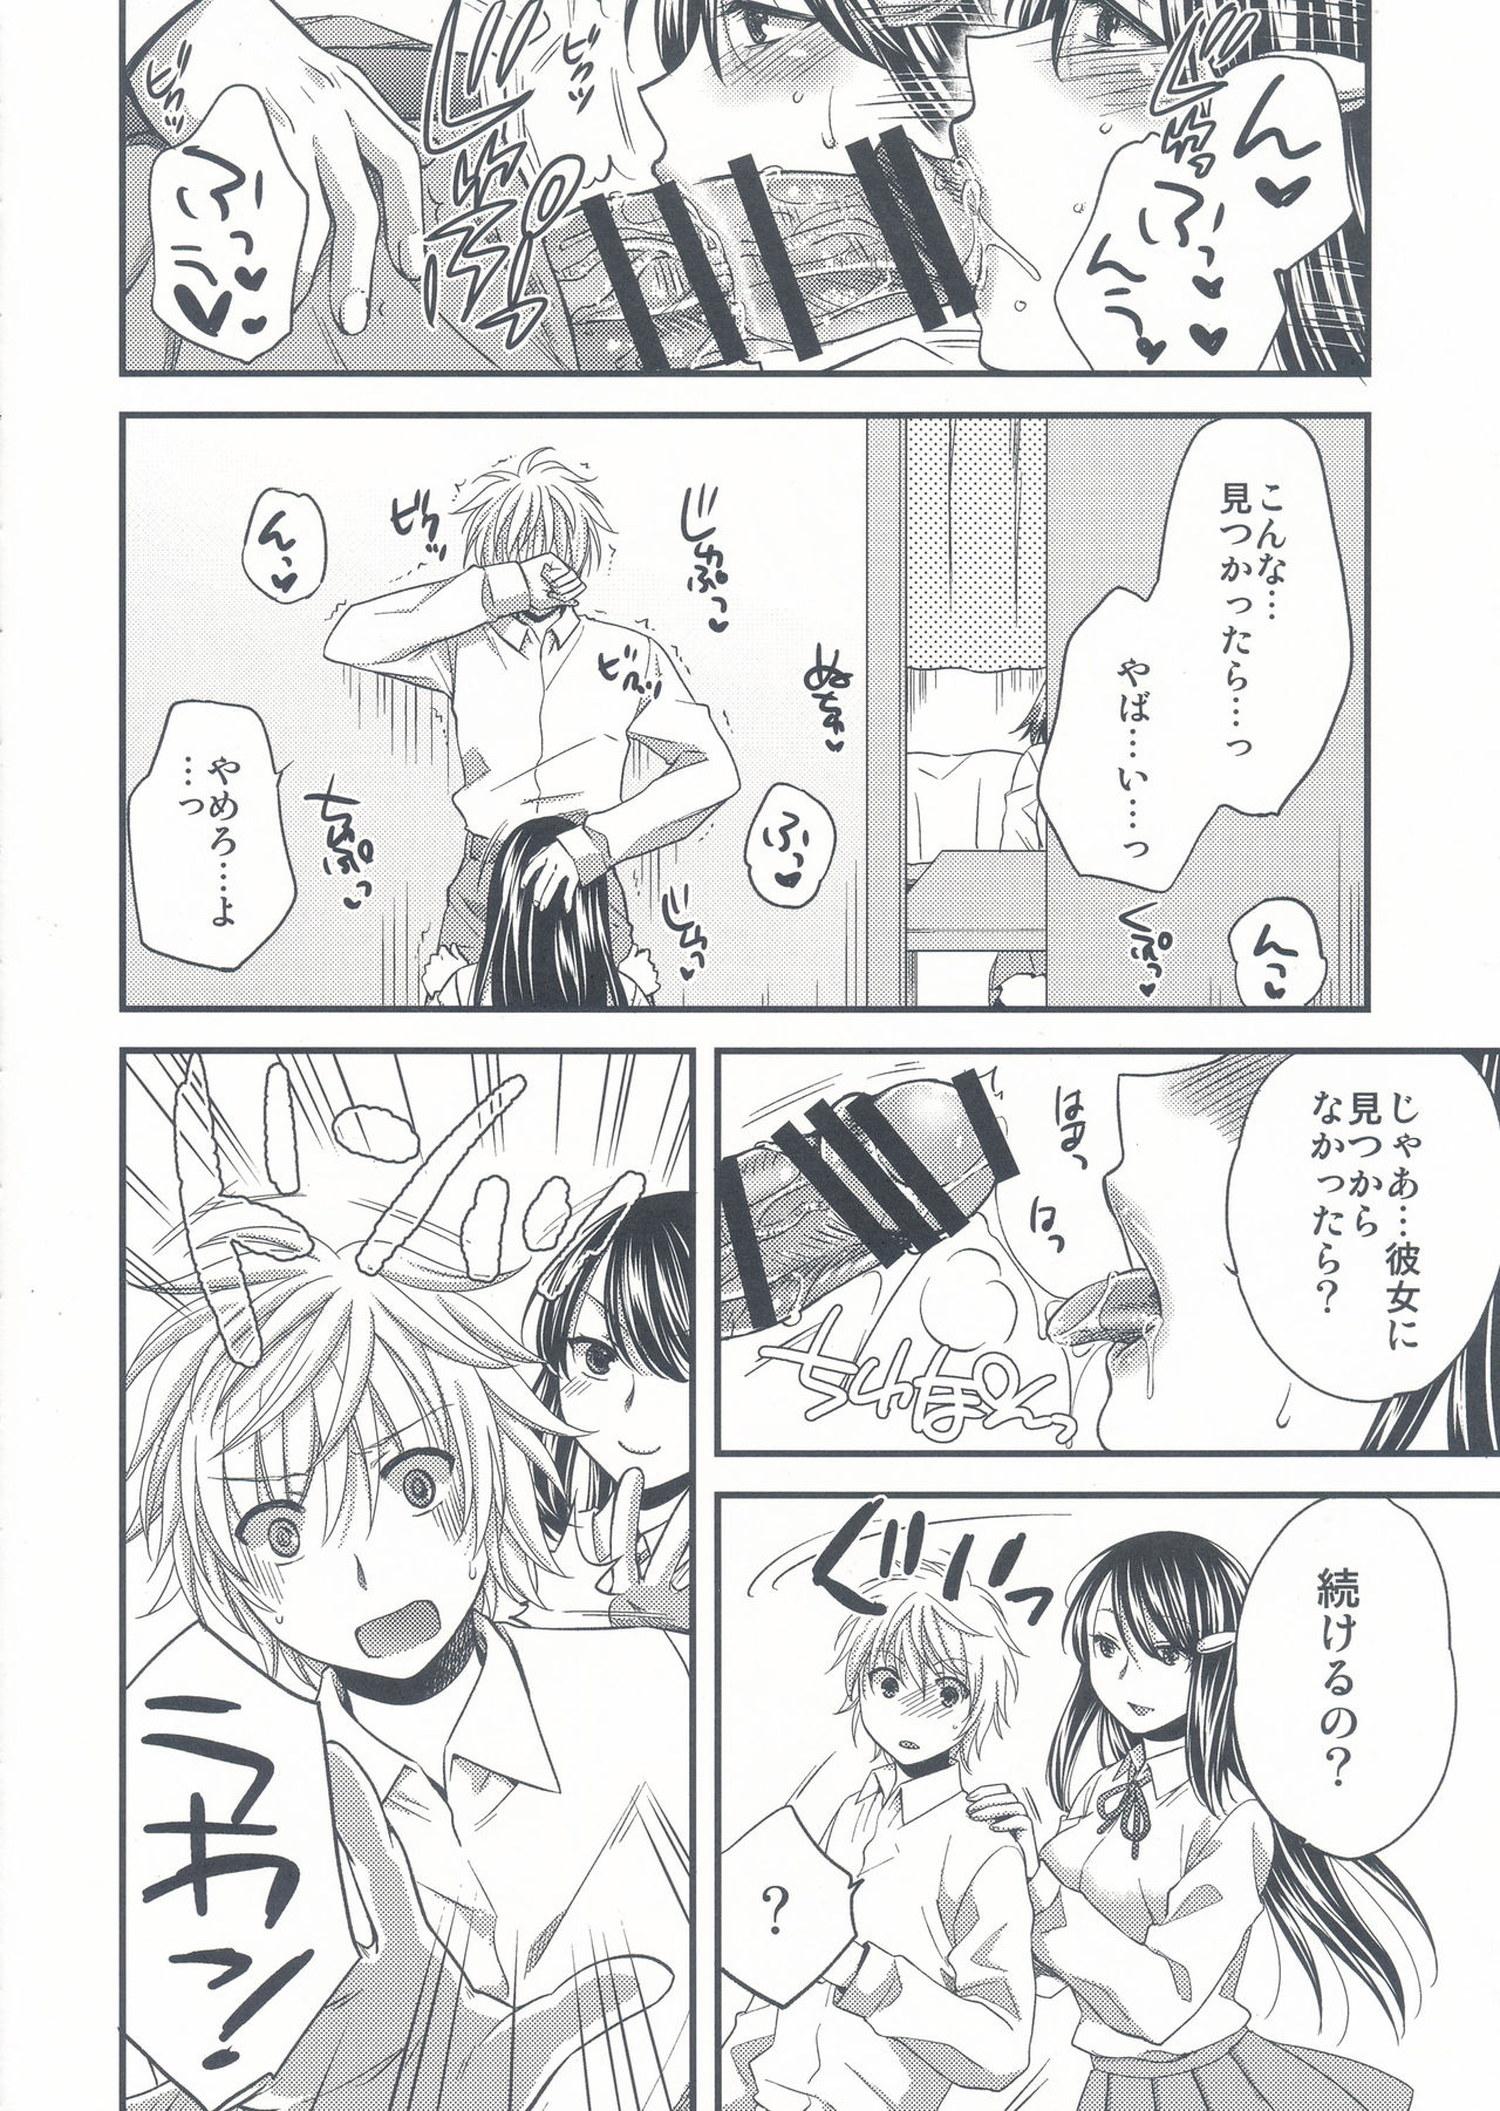 【エロ漫画】黒髪ロングの巨乳JKのお姉さんと、彼女の前で近親相姦セックスww【無料 エロ同人誌】 (8)